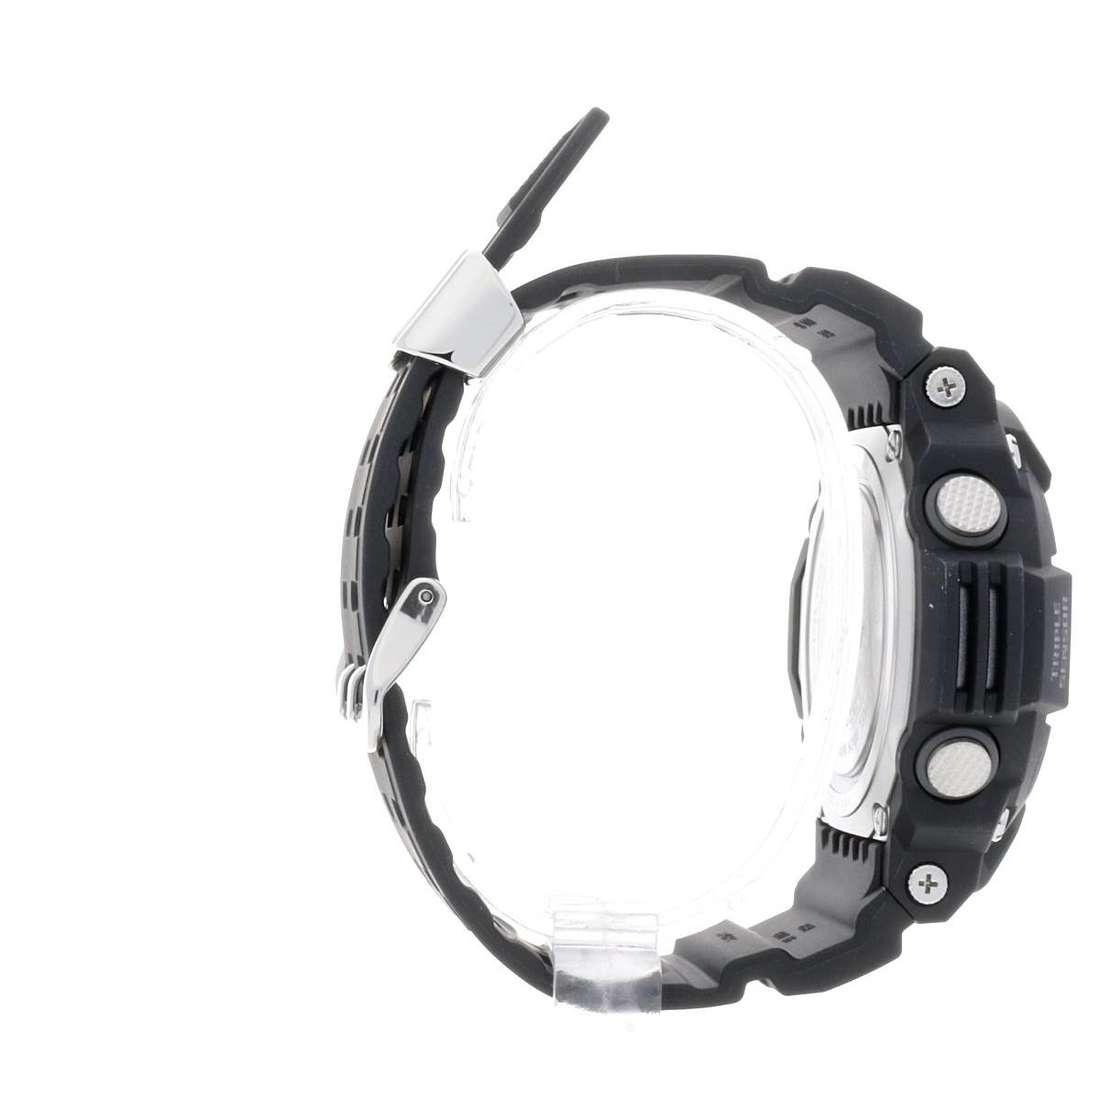 acquista orologi uomo Casio GW-9400-1ER